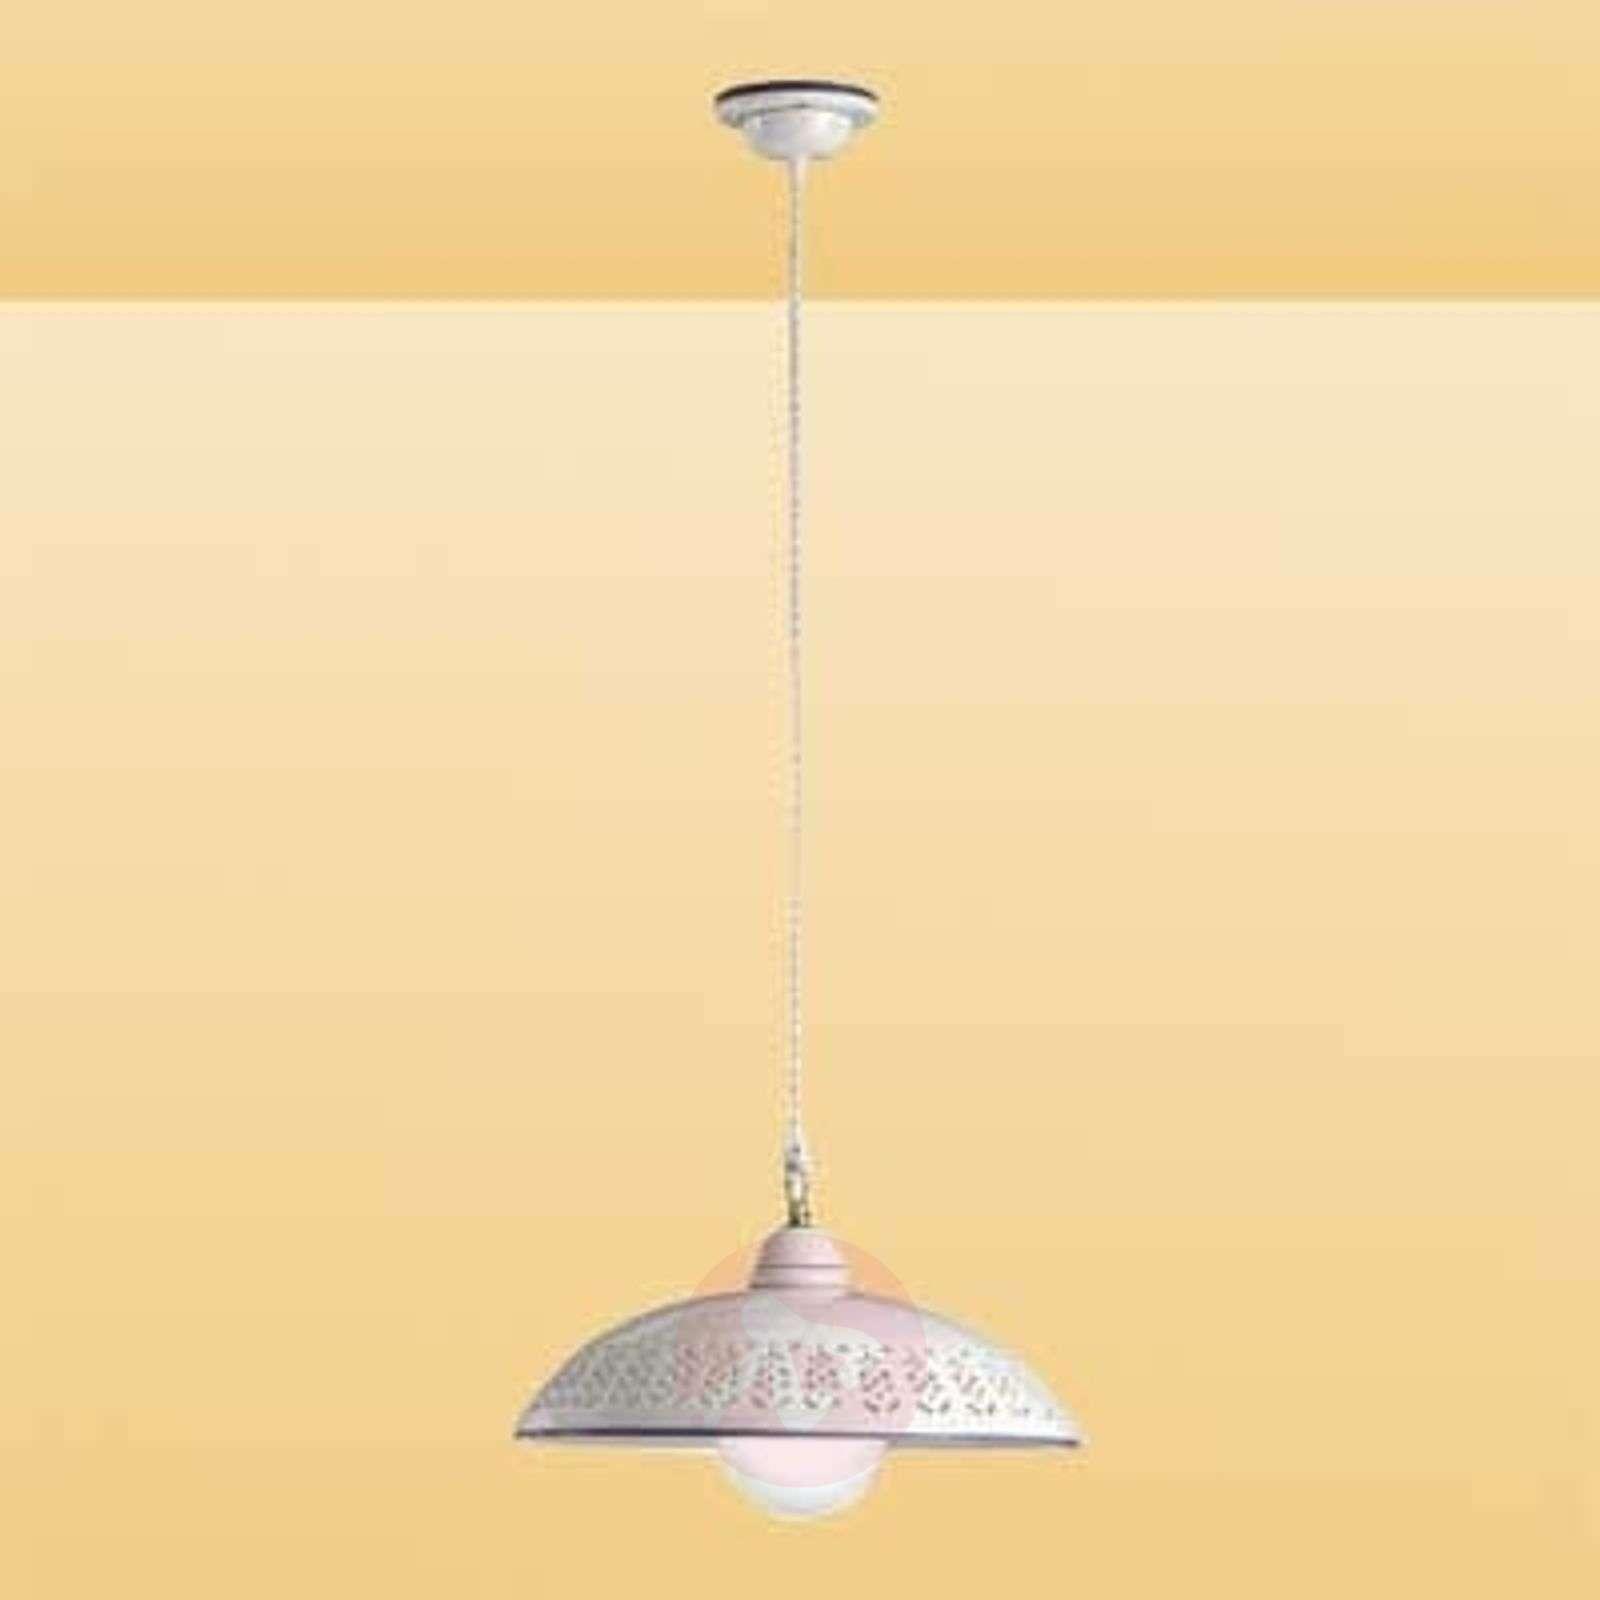 Valkoinen riippuvalaisin Sfilata, keramiikka-2013116-01